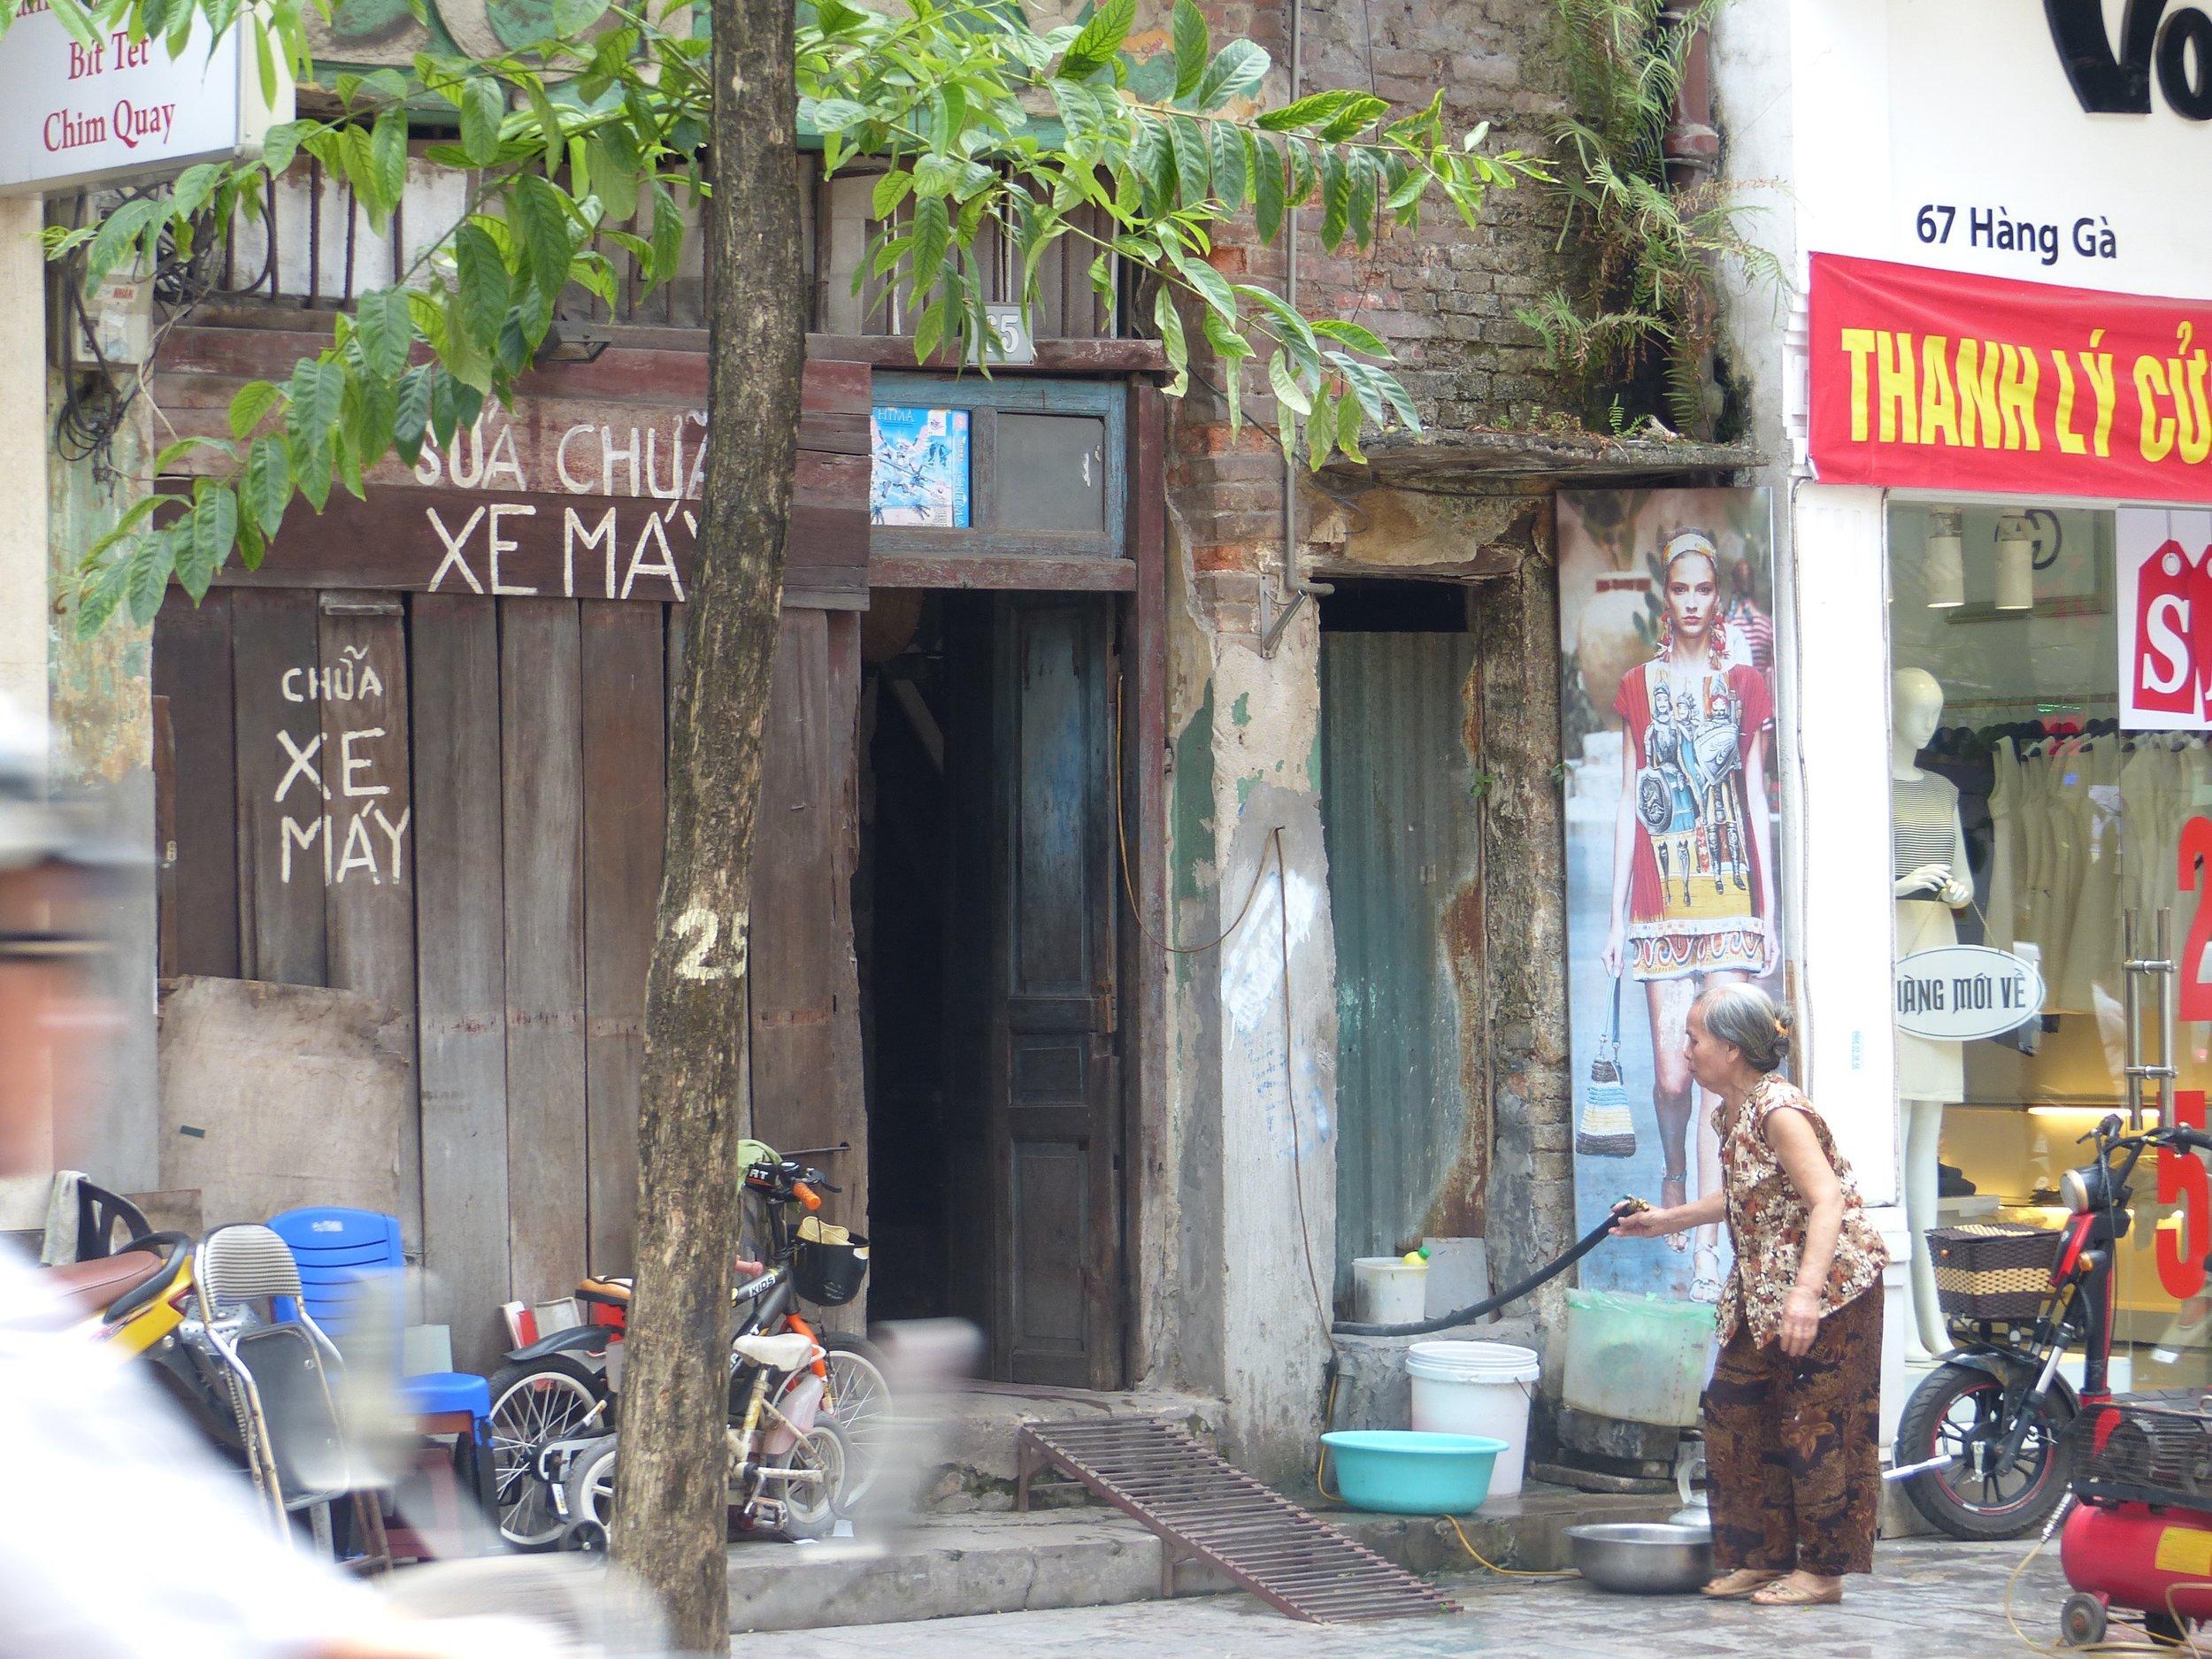 Hanoi scene, with scooter ramp